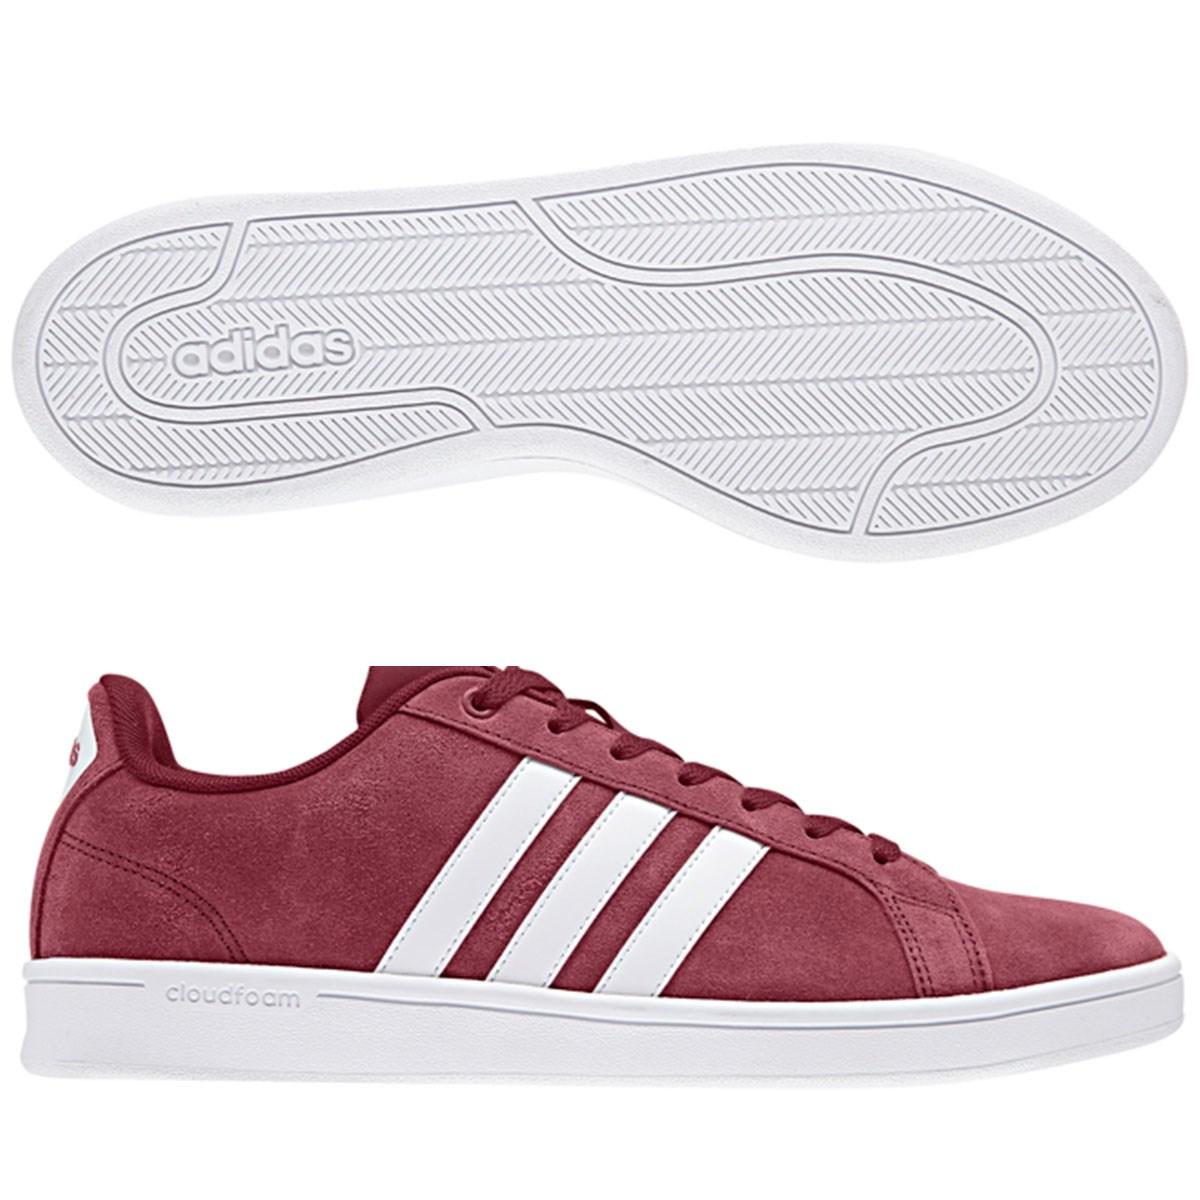 アディダス(adidas) CLOUDFOAM VALSTRIPES SUE シューズ